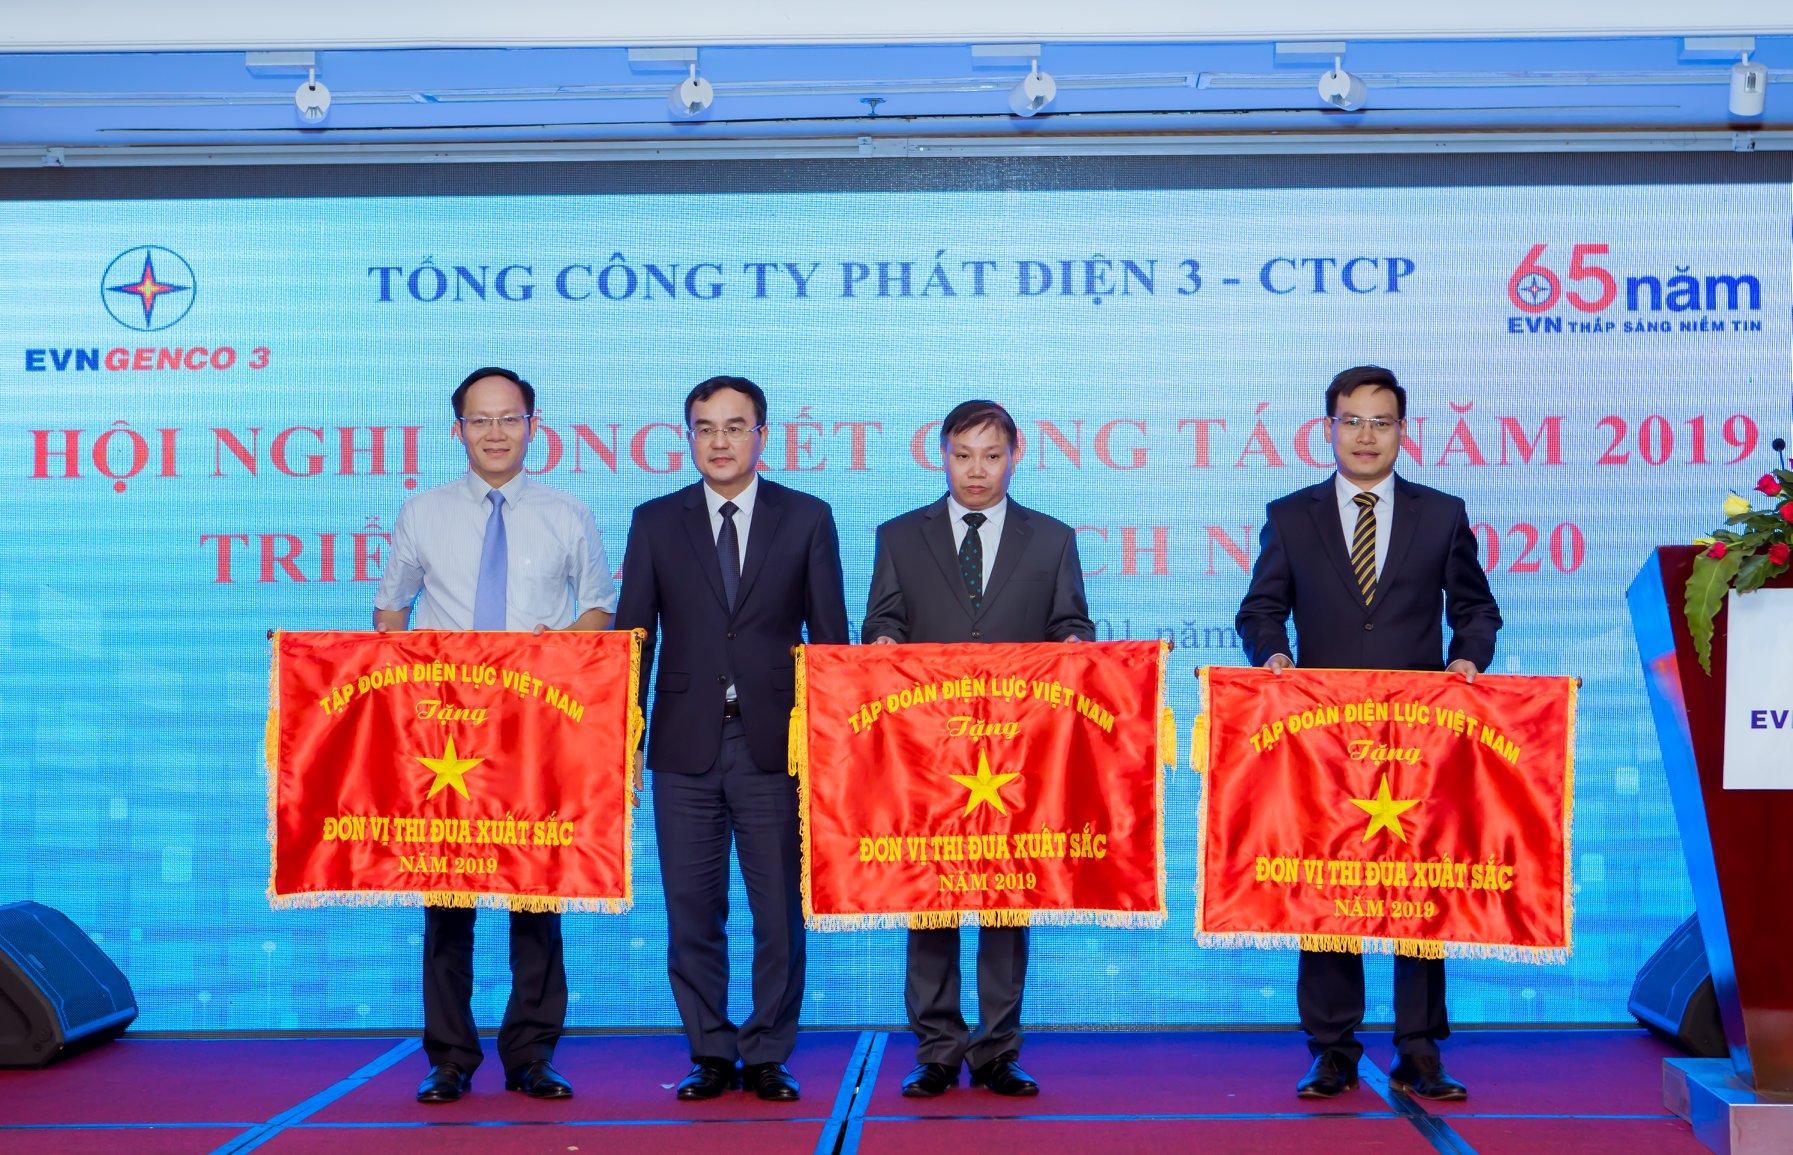 Sê San 3A - đơn vị thi đua xuất sắc năm 2019 Tập đoàn điện lực Việt Nam